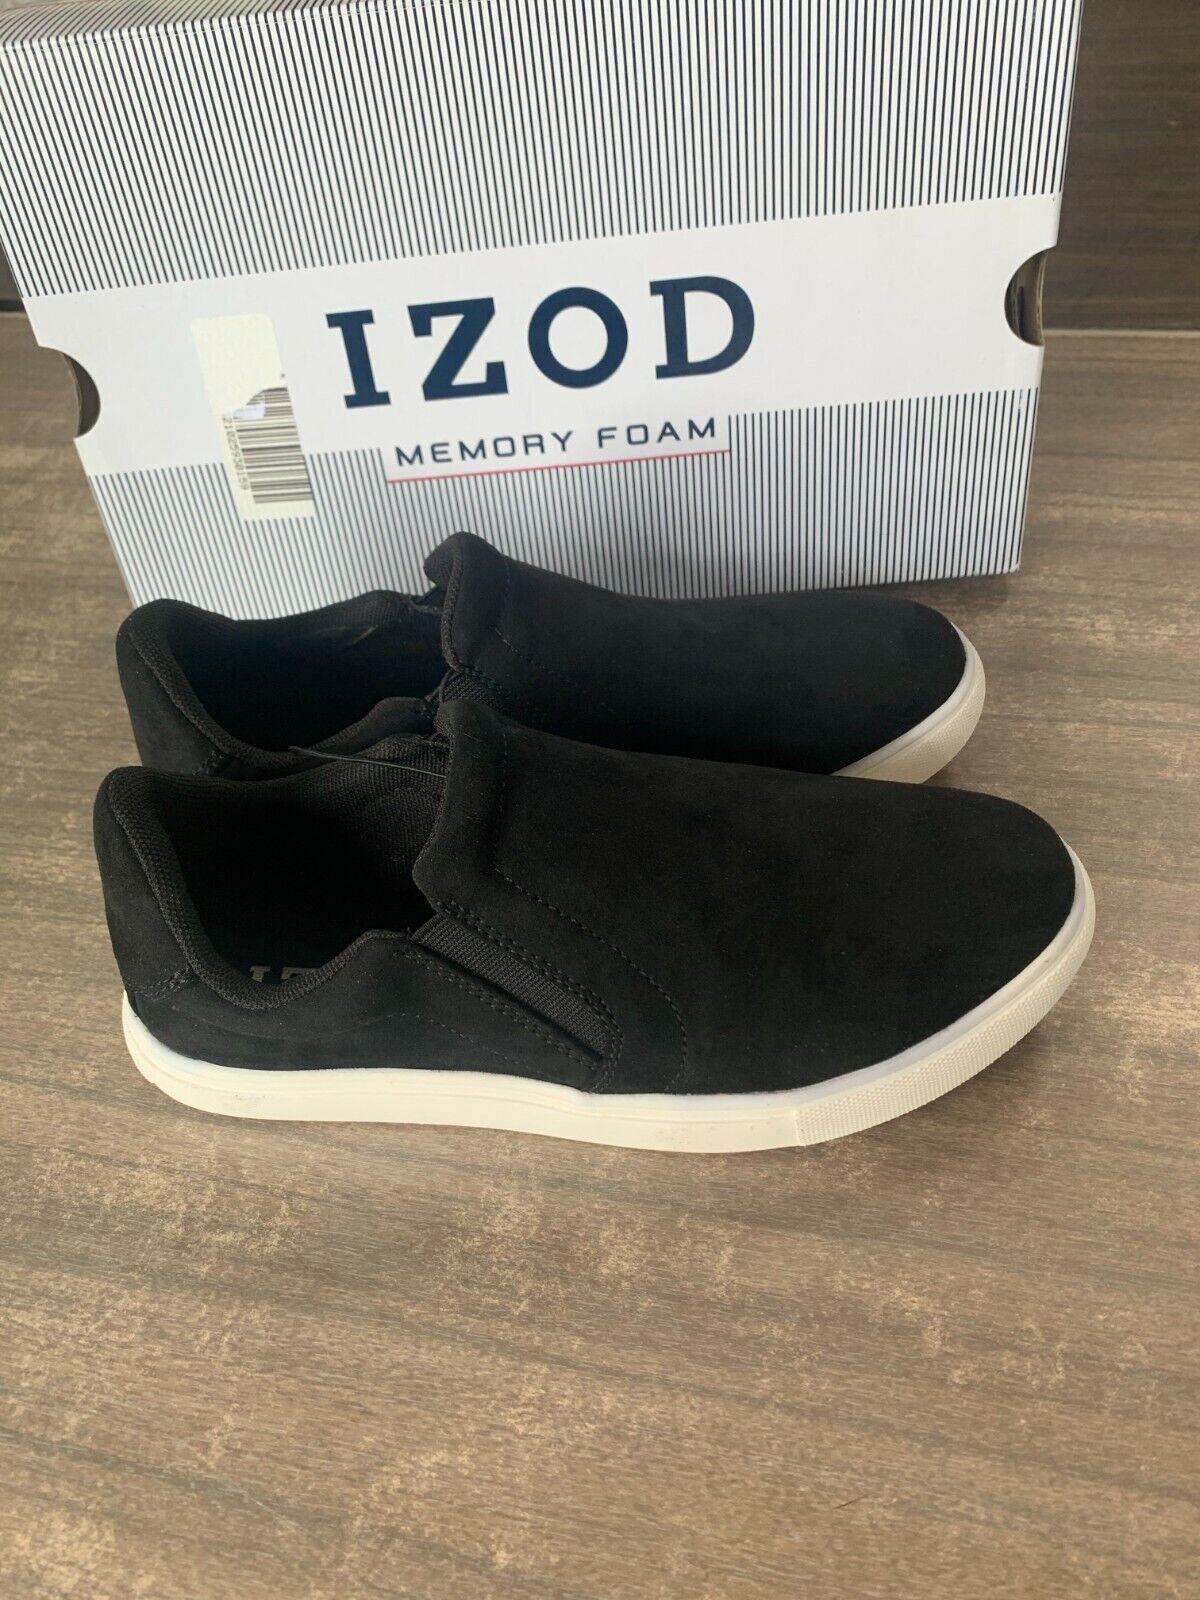 NEW Women's IZOD Julie Slip On Casual Suede Memory Foam Shoe Black Pick Size